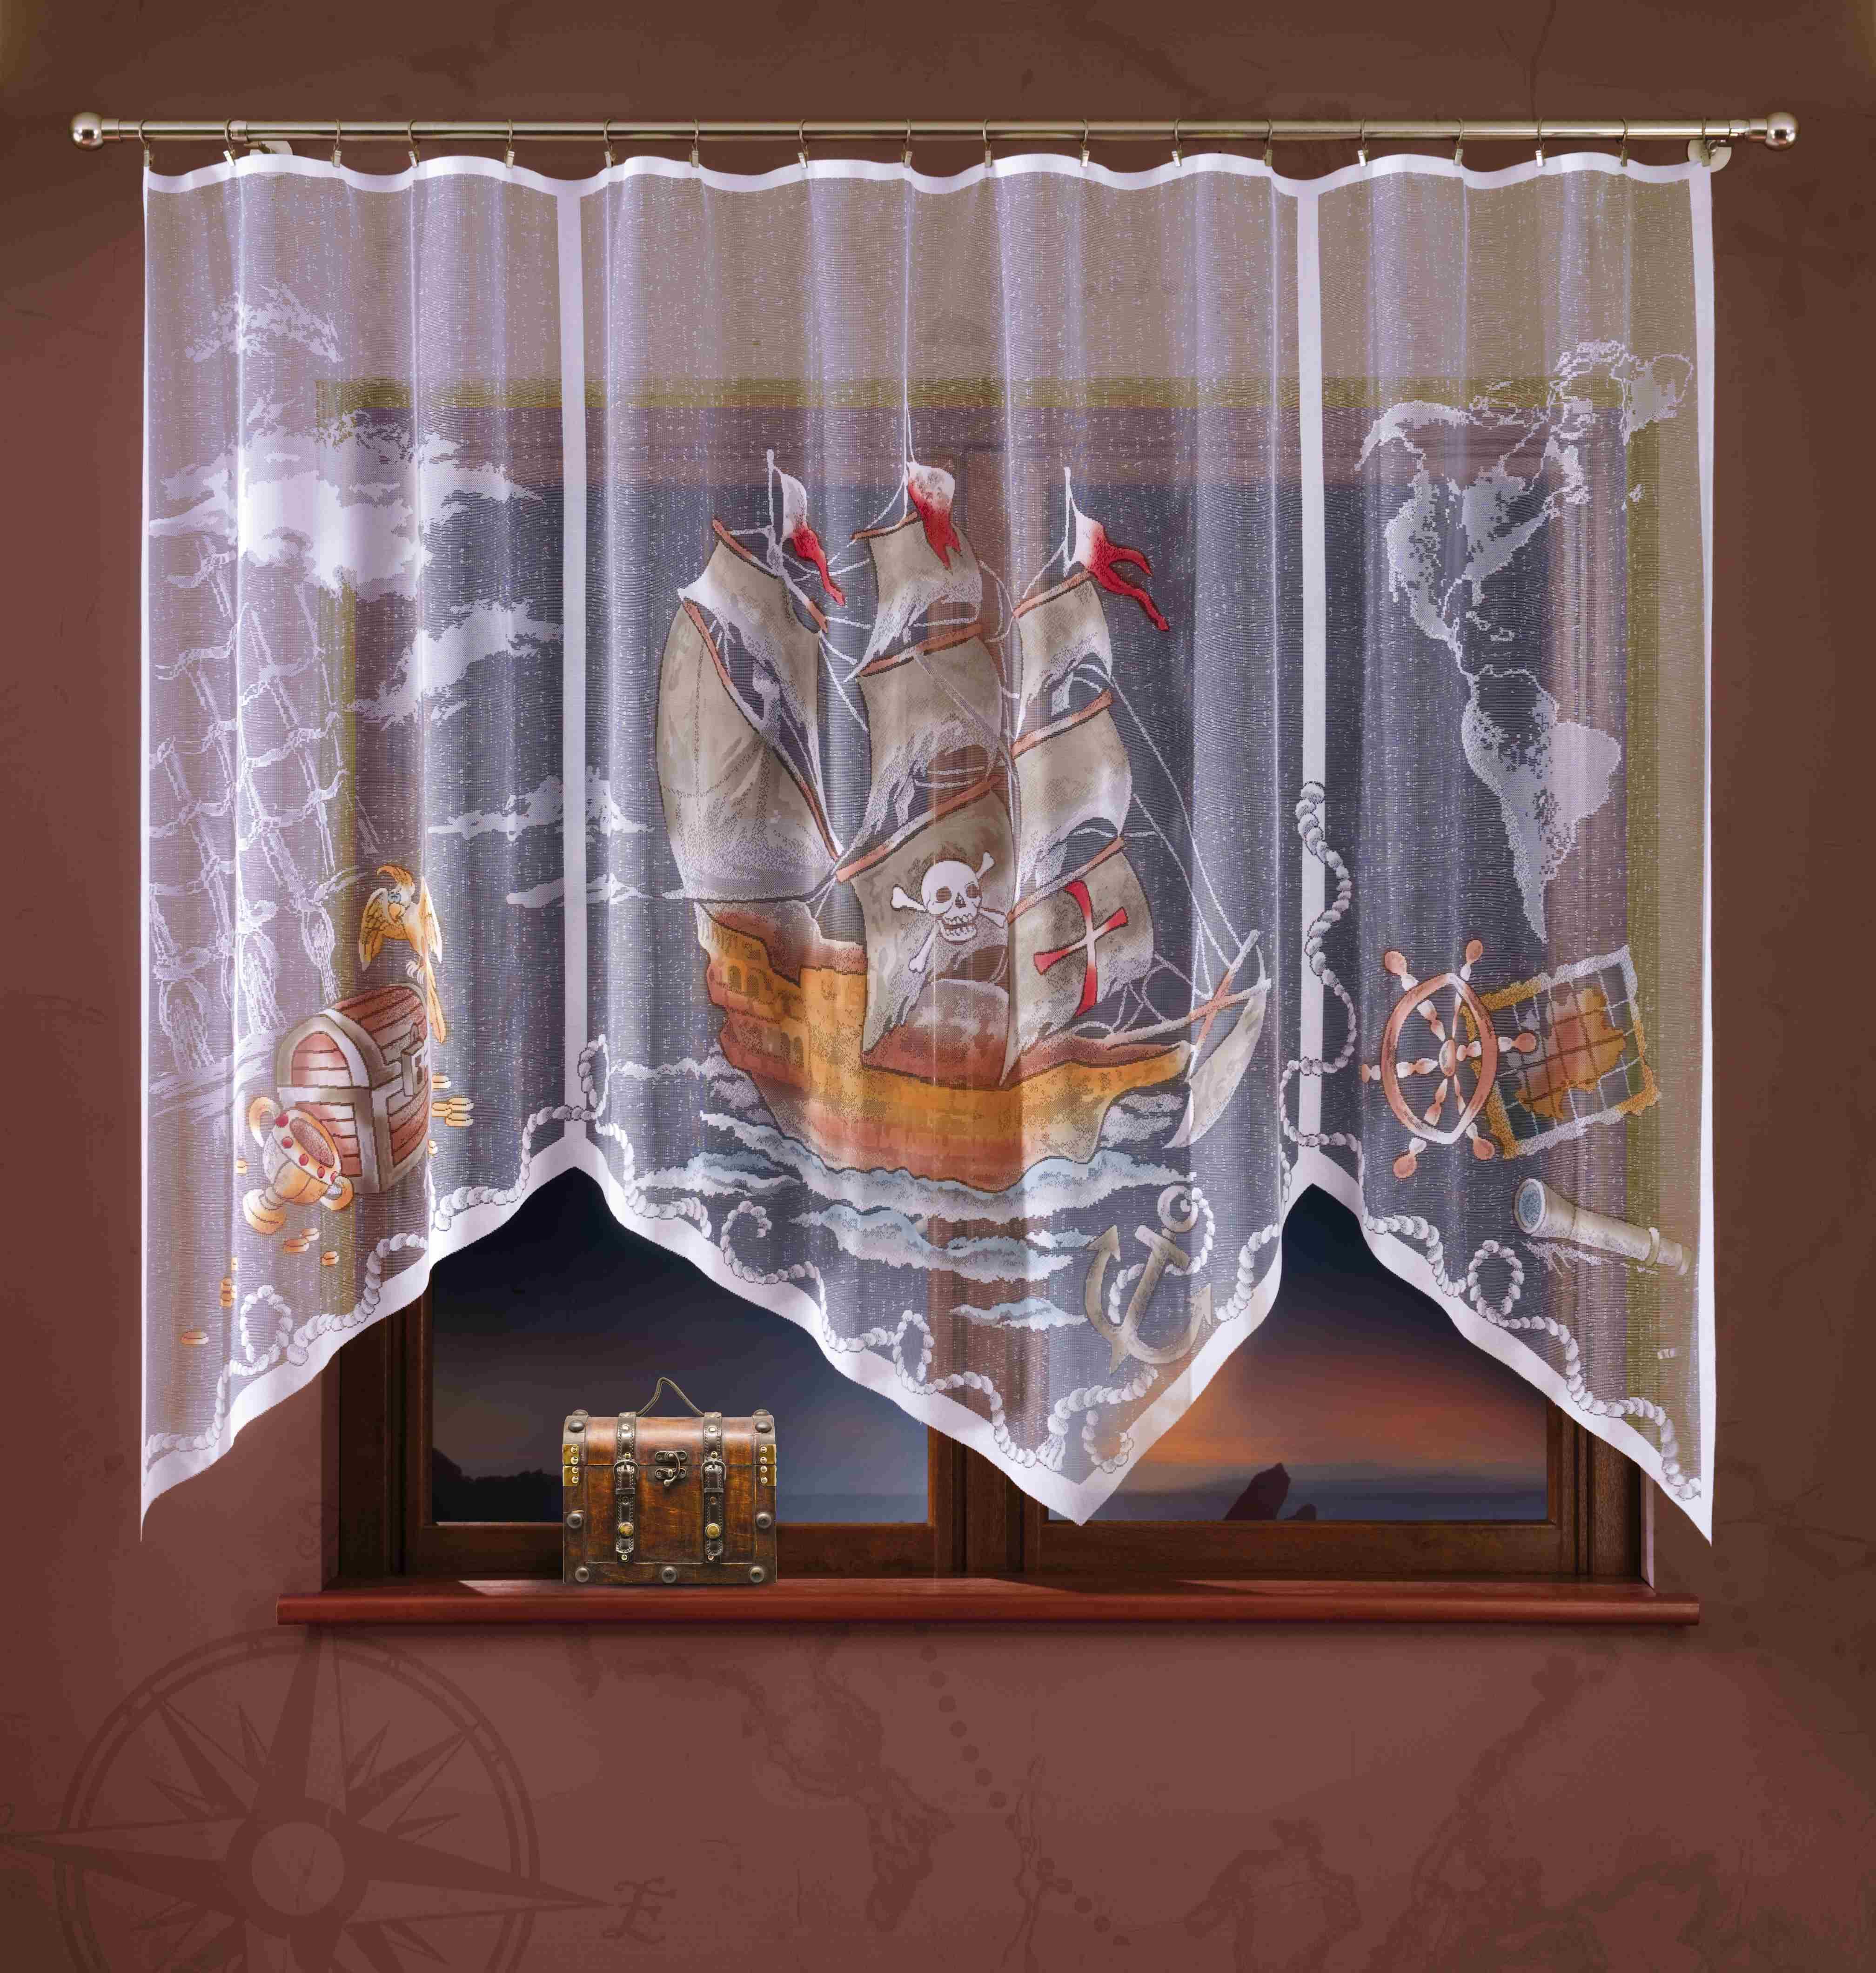 Гардина Wisan, на ленте, цвет: белый, коричневый, высота 180 см. 722А722АГардина Wisan, выполненная из легкого полупрозрачного полиэстера, станет великолепным украшением окна детской комнаты. Изделие имеет ассиметричную длину и красочный рисунок в виде пиратского парусника. Качественный материал и оригинальный дизайн привлекут к себе внимание и позволят гардине органично вписаться в интерьер помещения. Гардина оснащена шторной лентой под зажимы для крепления на карниз.